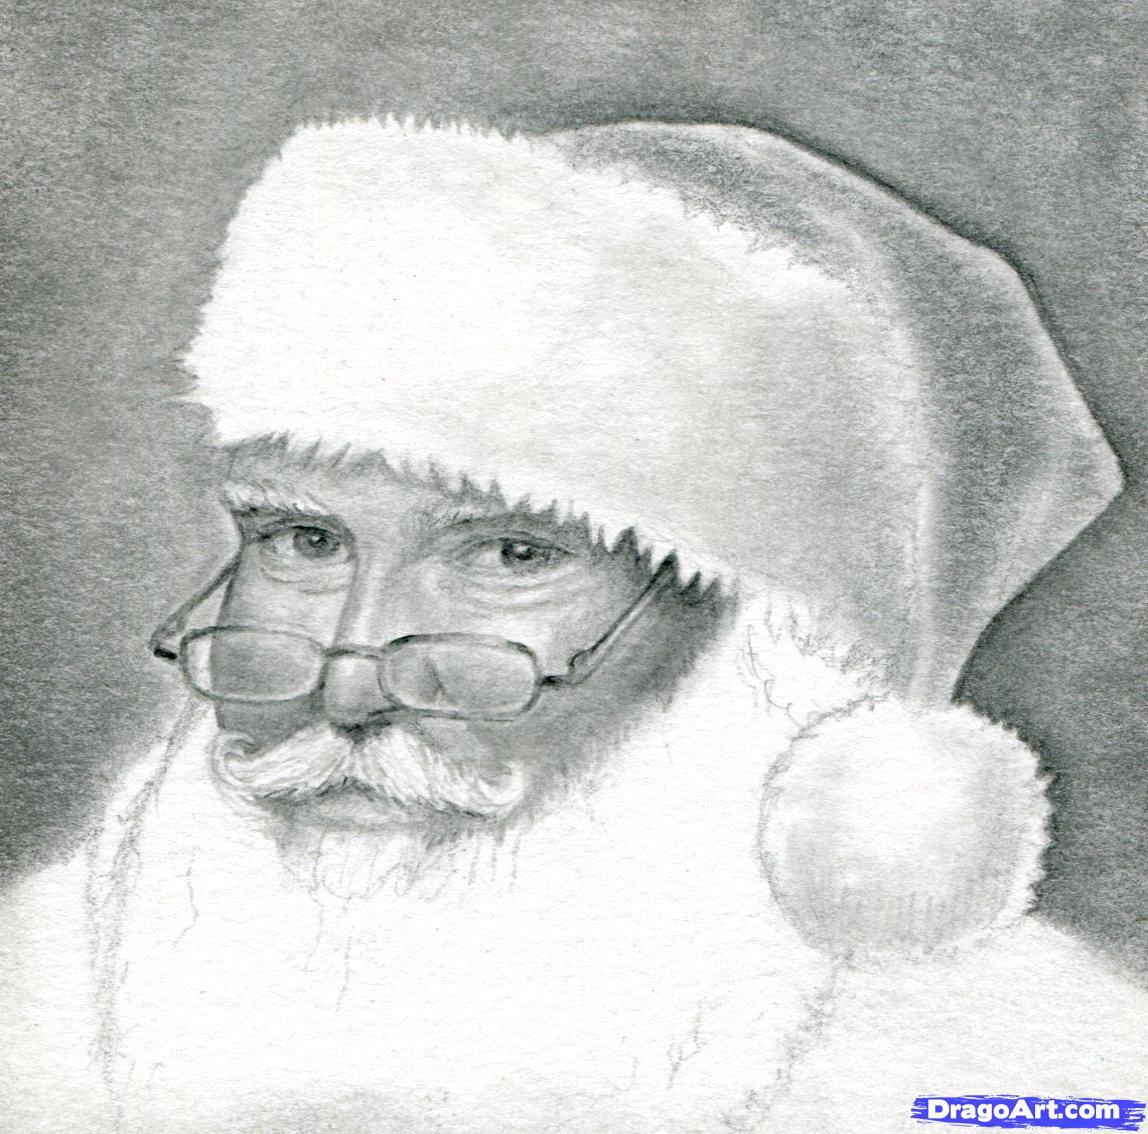 Drawn santa realistic Realistic Drawing to Santa Claus